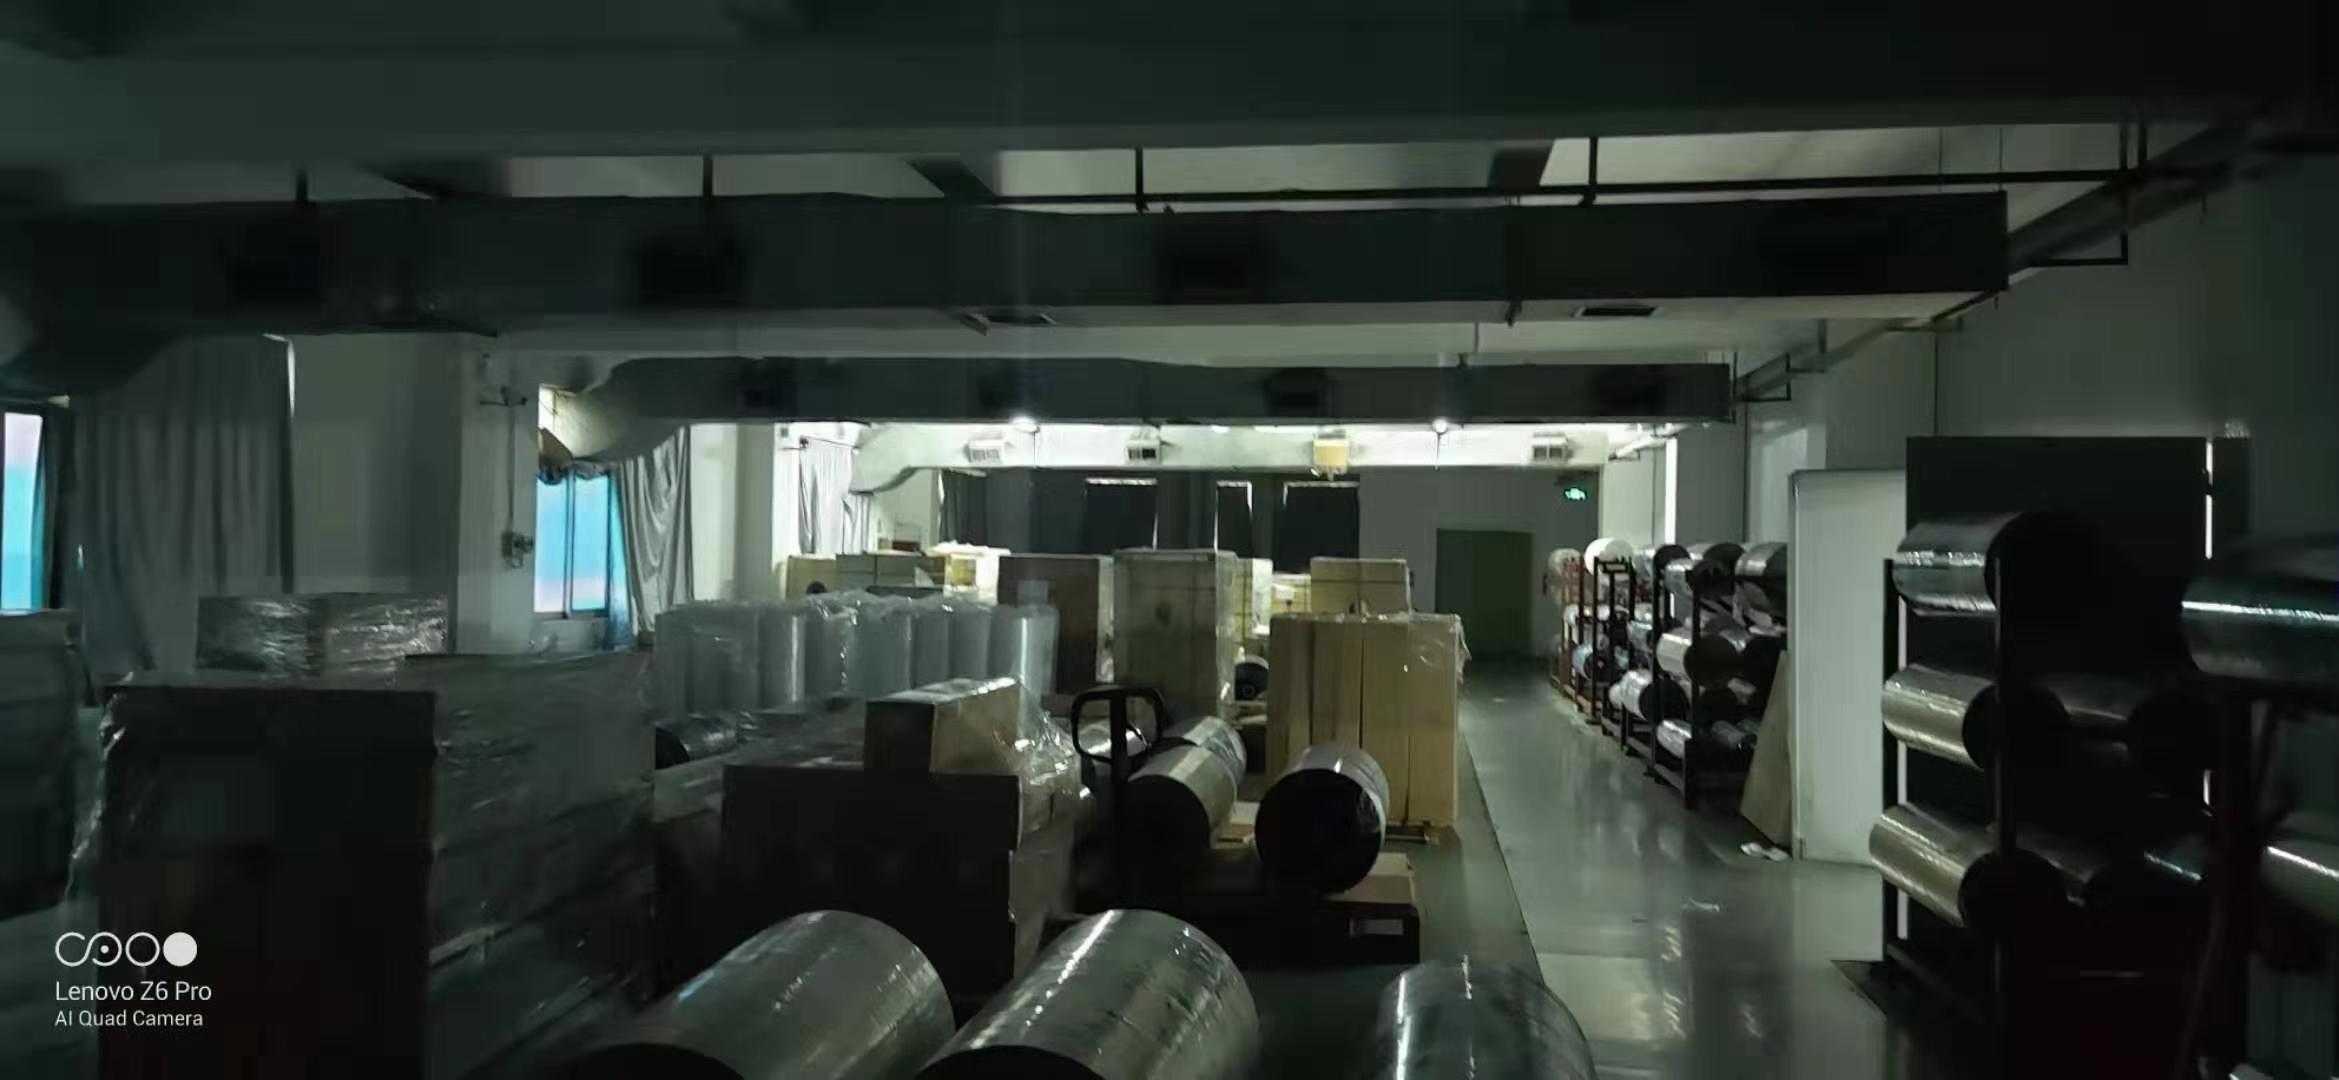 松岗燕川新出厂房二楼1350平,报16,可谈,适合仓库电子